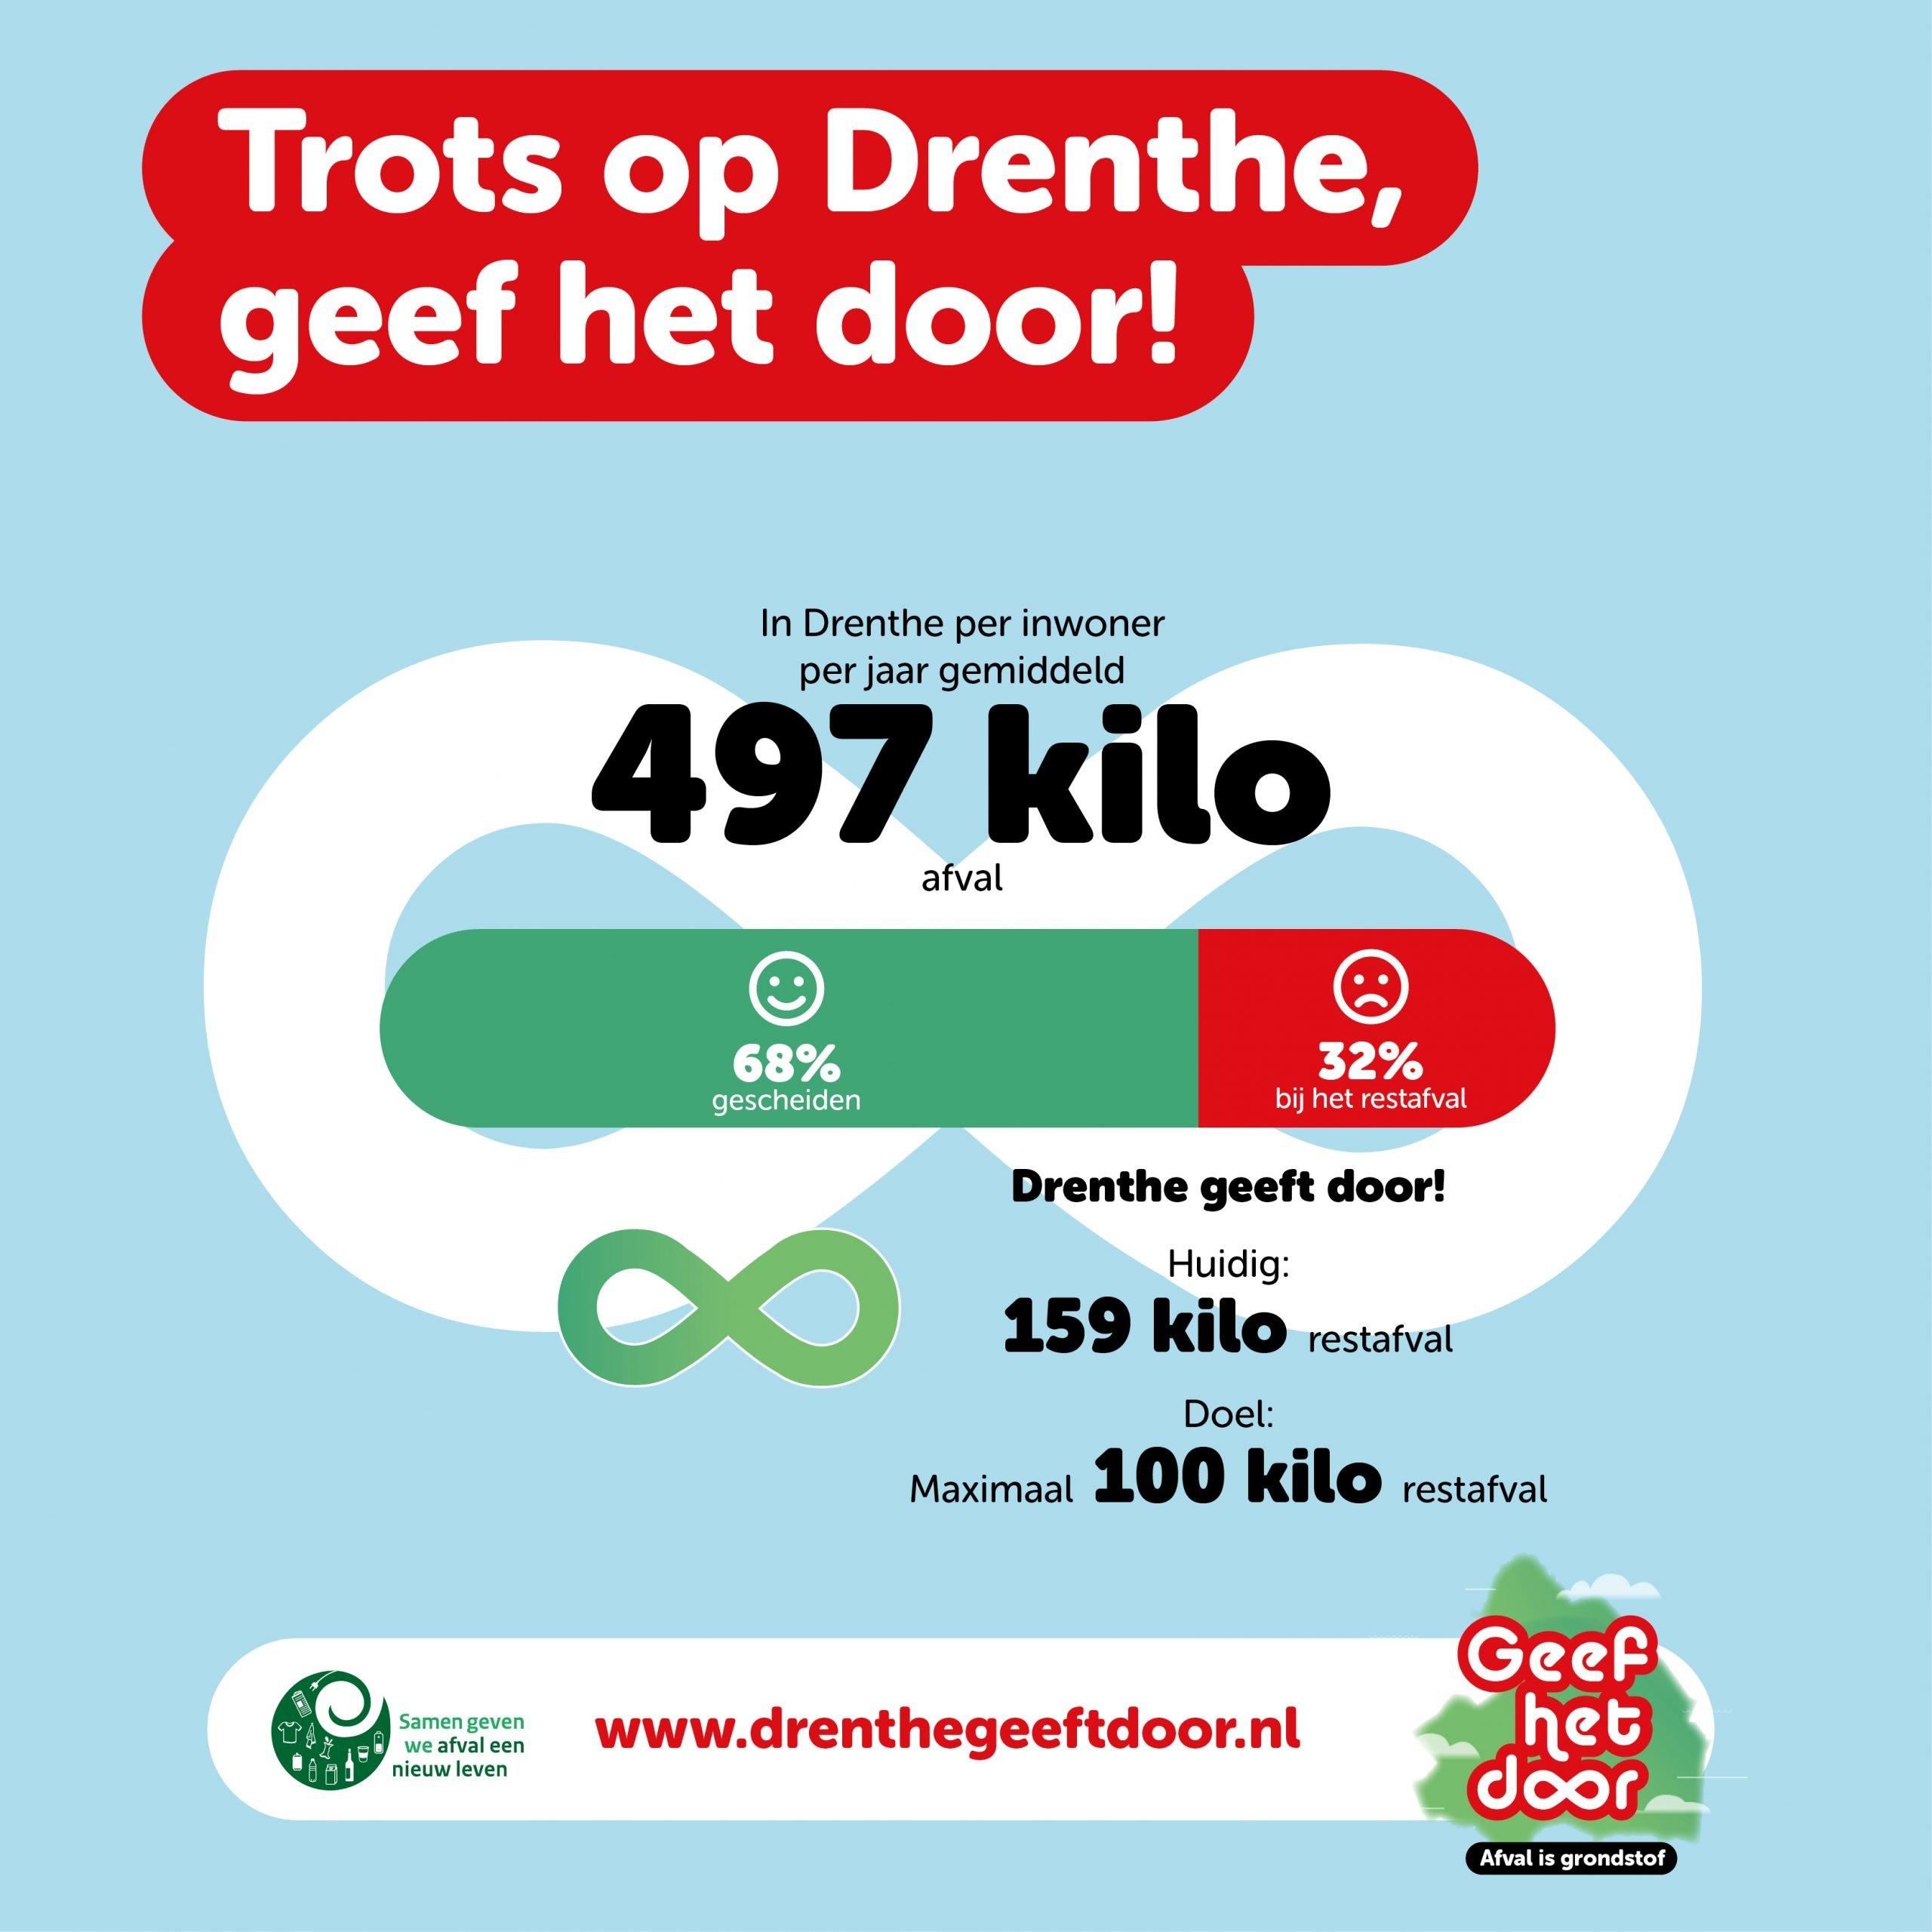 Trots op Drenthe, geef het door!